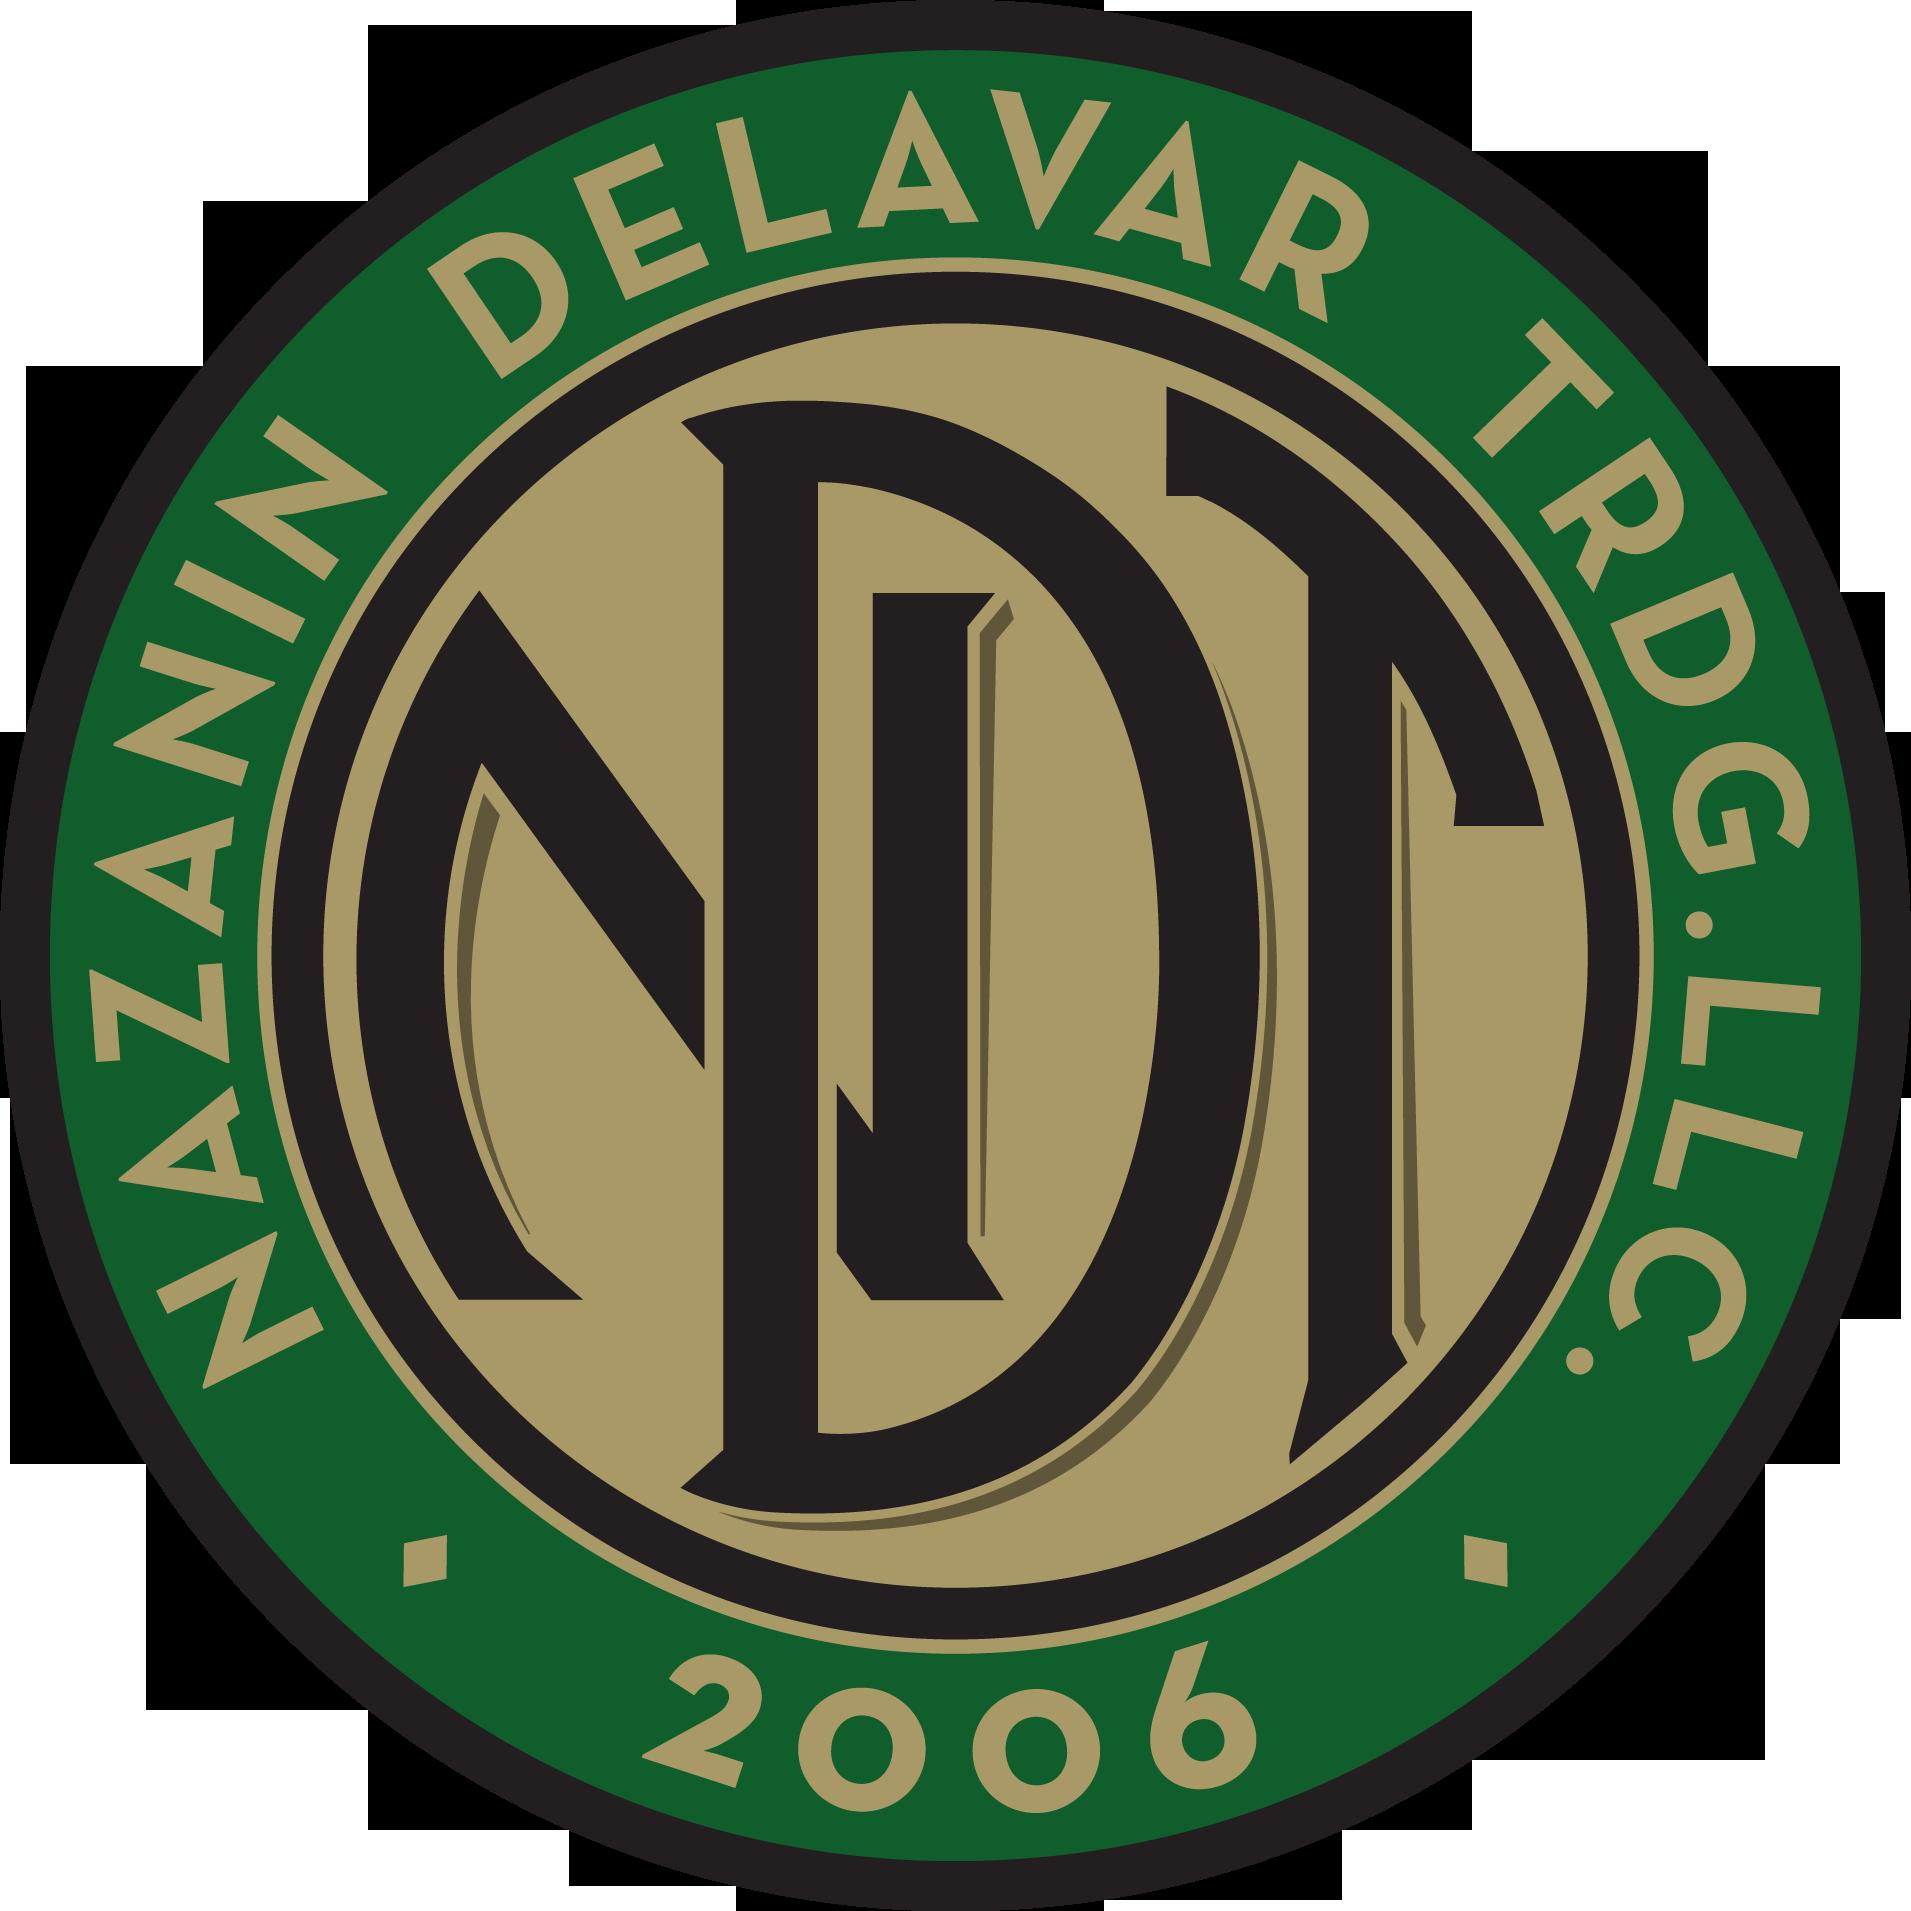 Nazanin Delavar Trading LLC